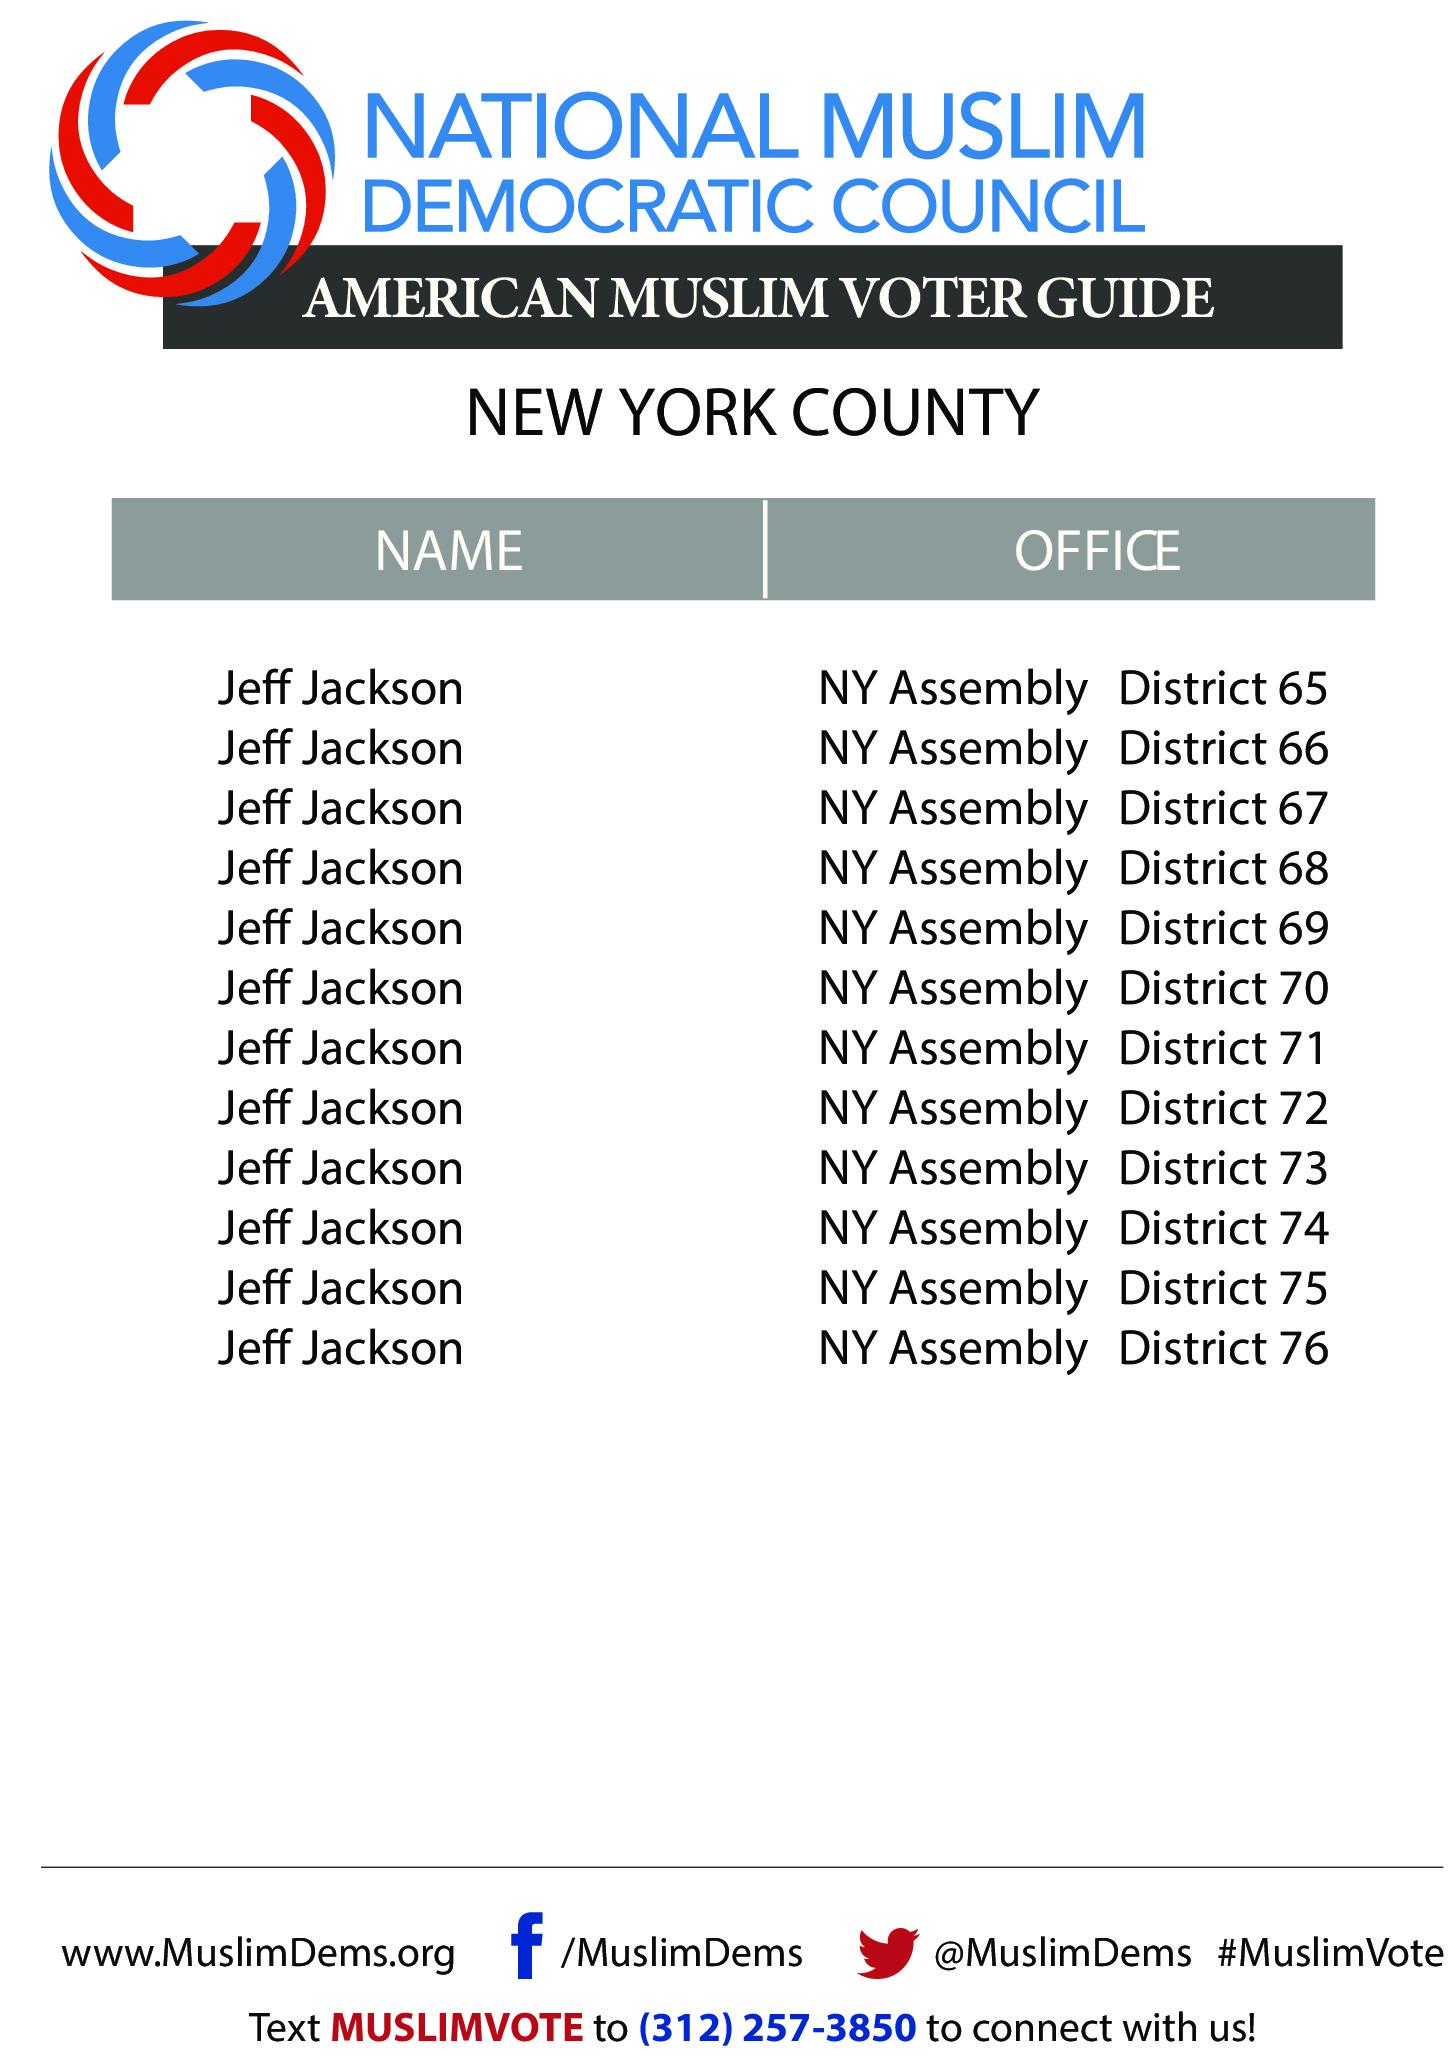 NY_New_York_County_2.jpg